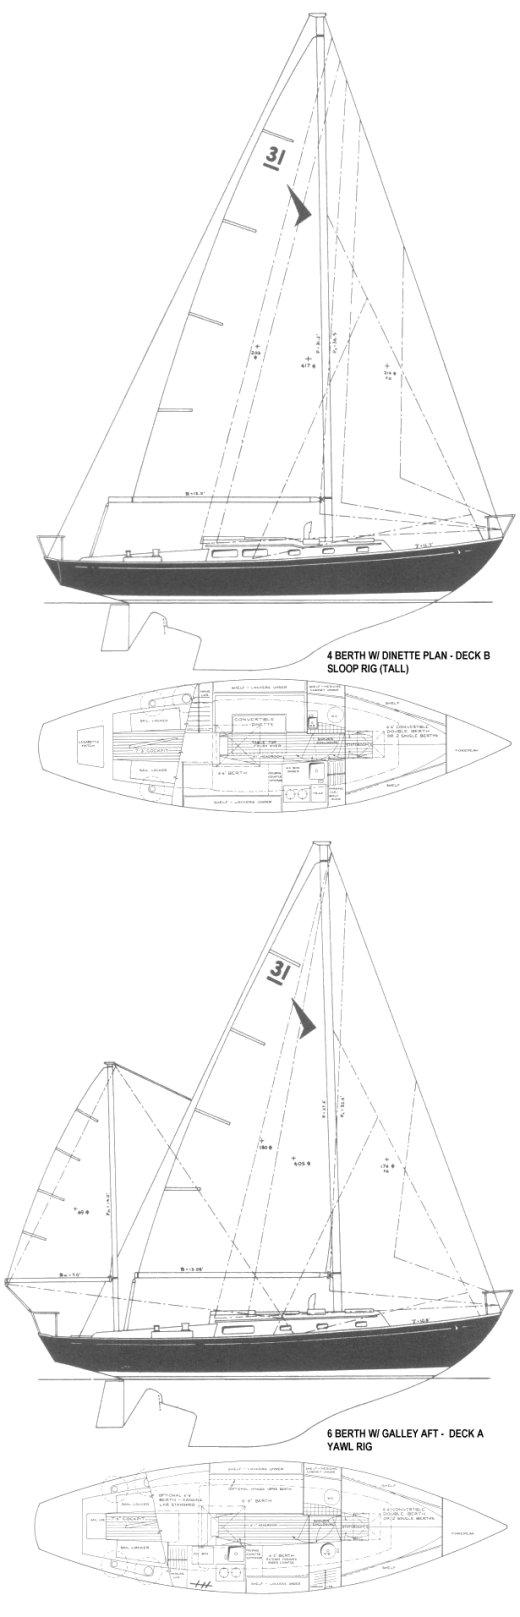 SEAFARER 31 MKI drawing